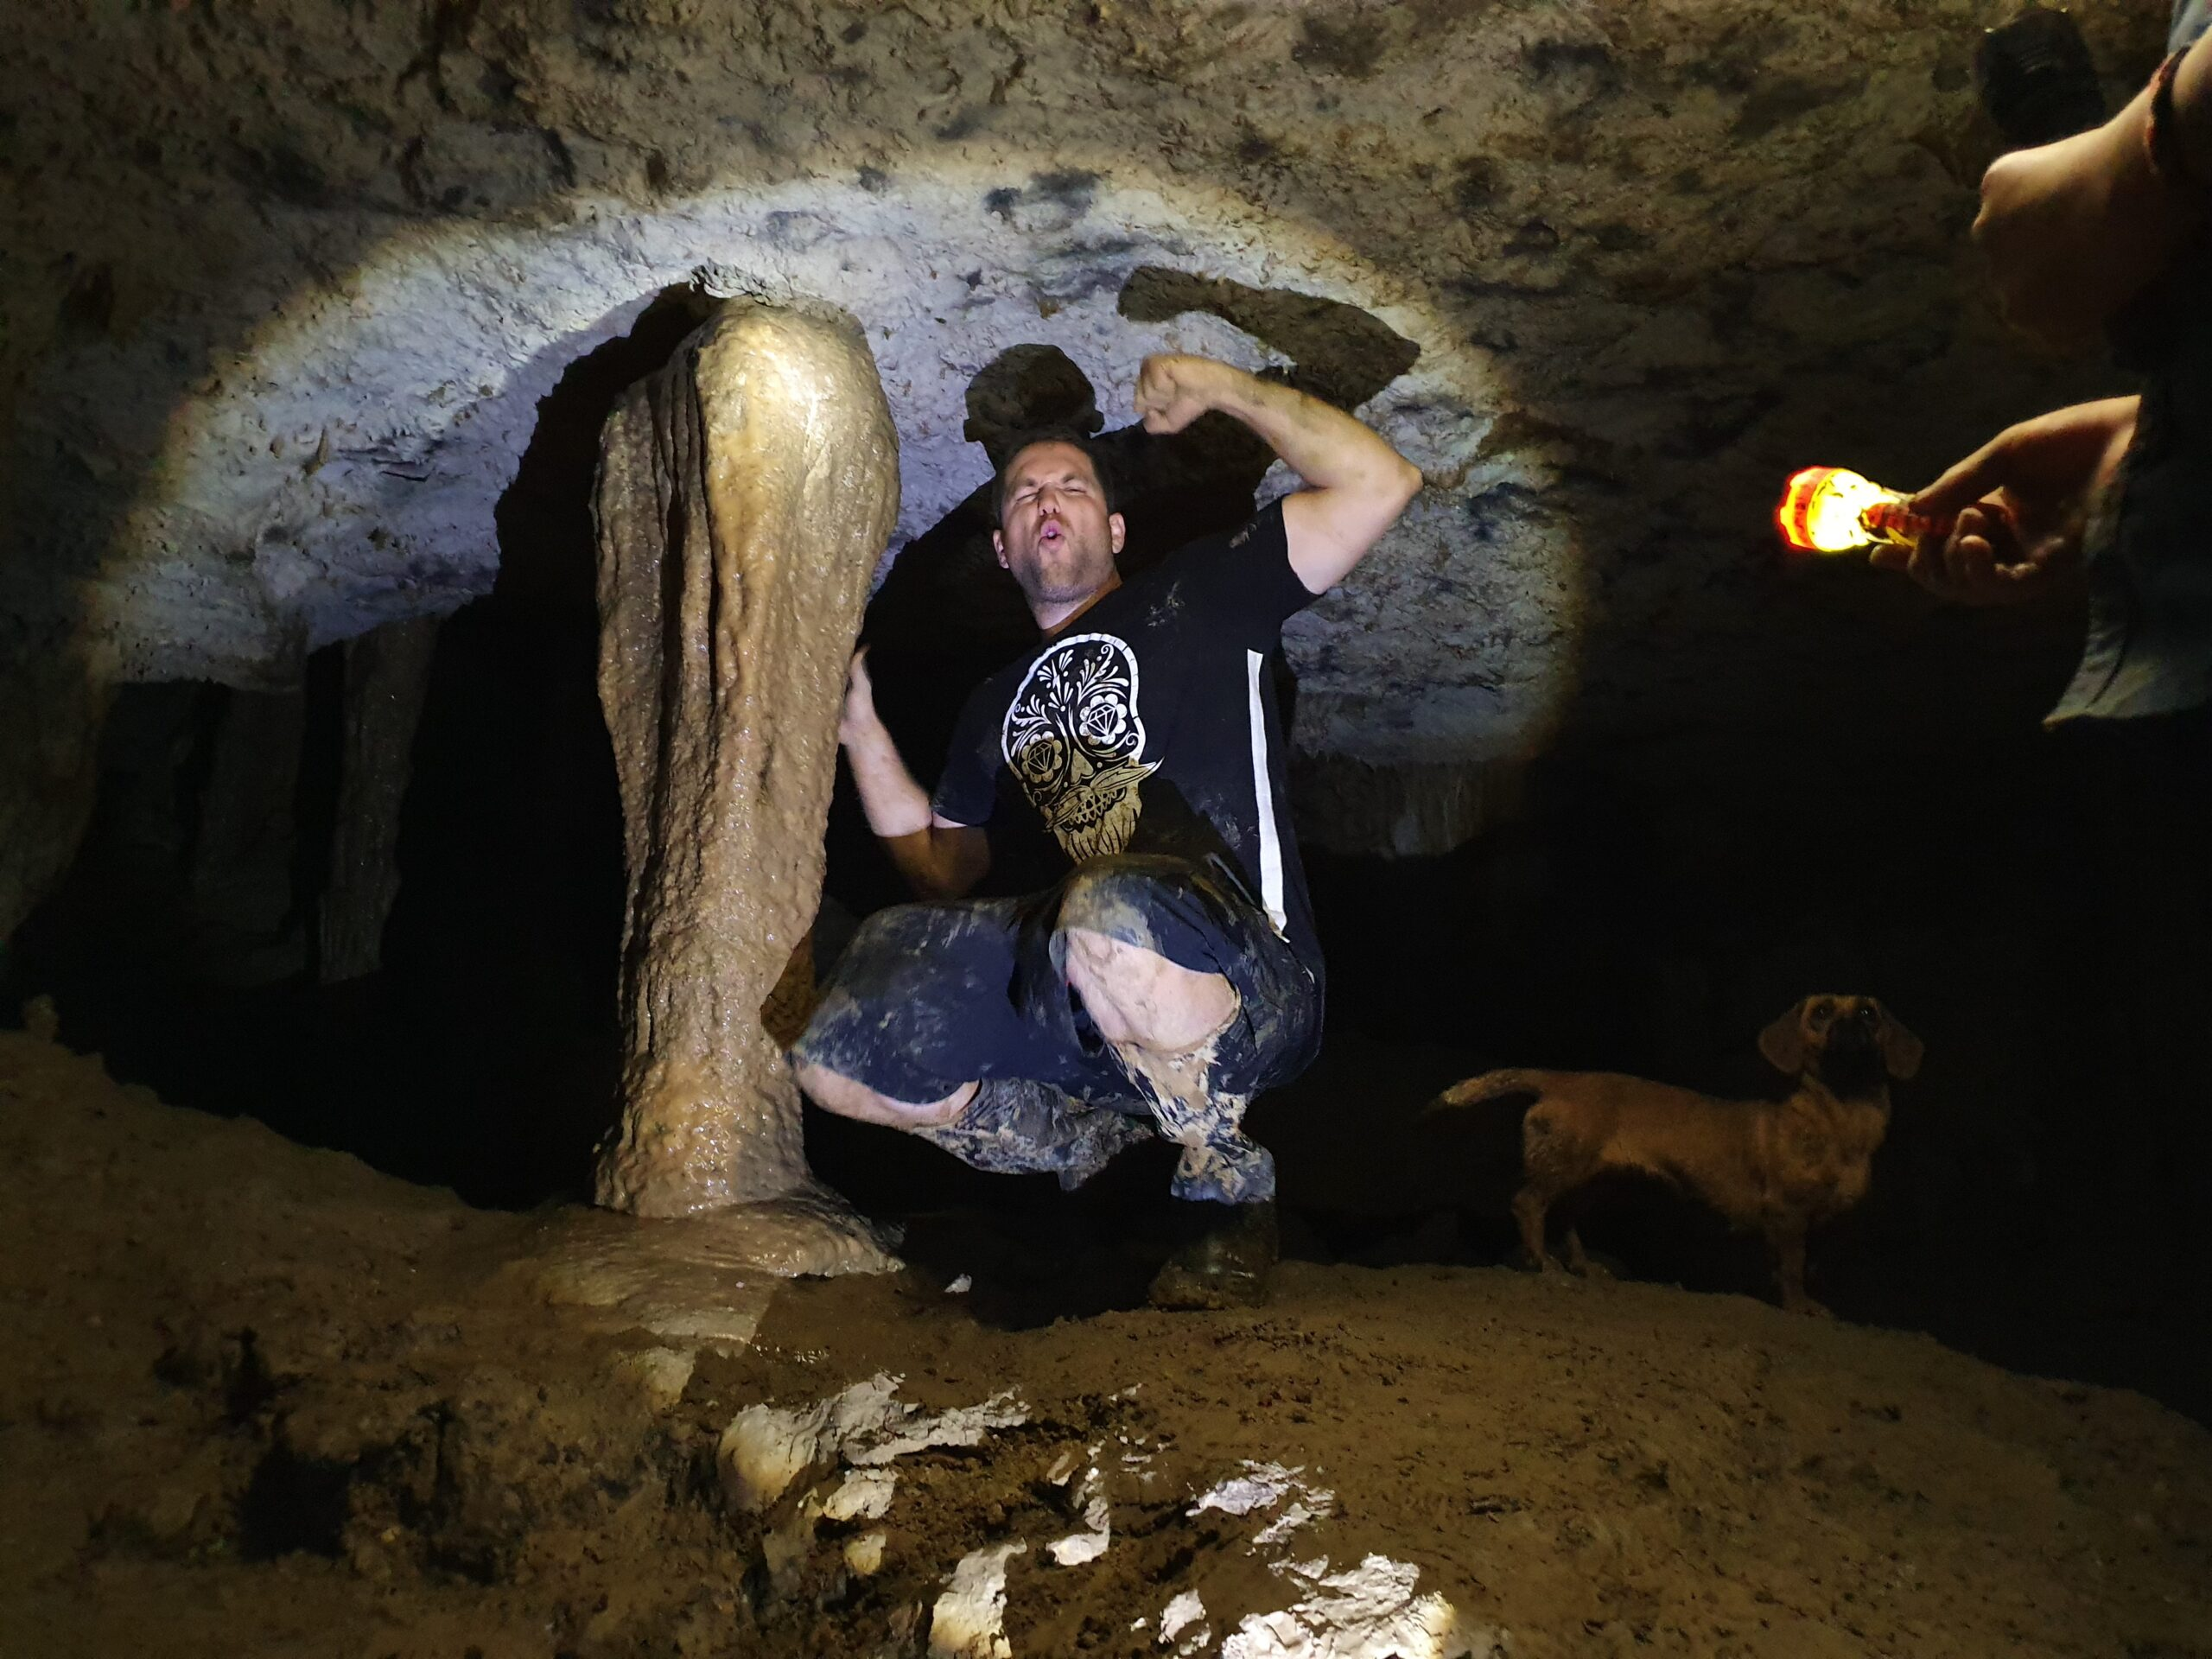 Cavernas del Río Anzu